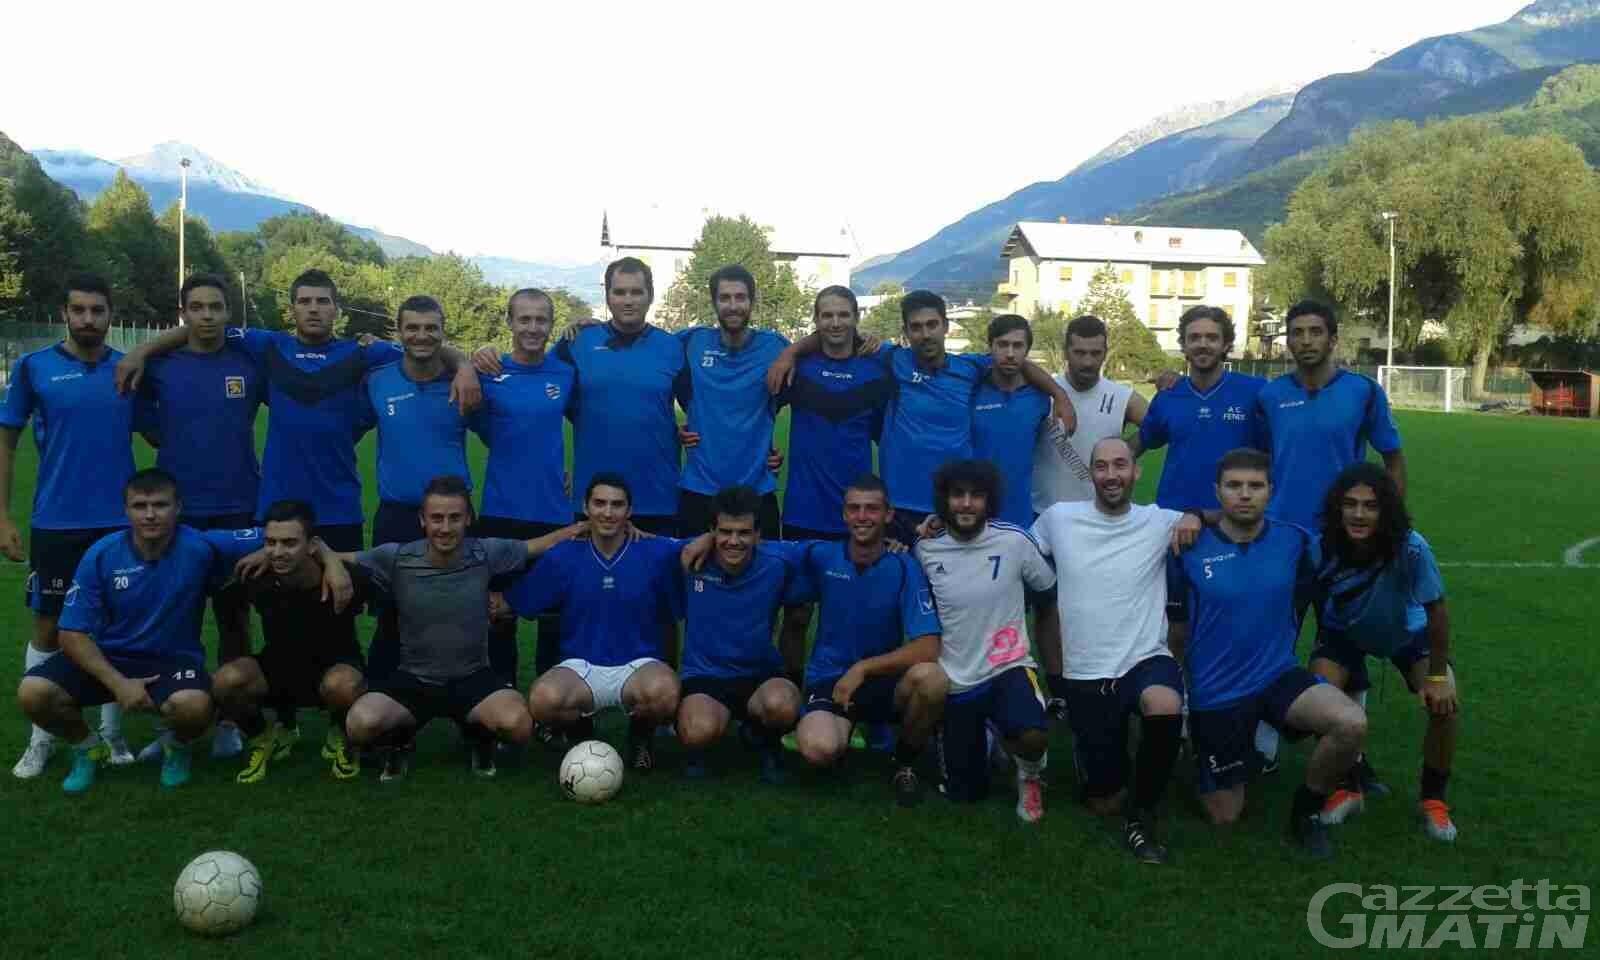 Calcio: il Fenusma vince il derby di Coppa Piemonte